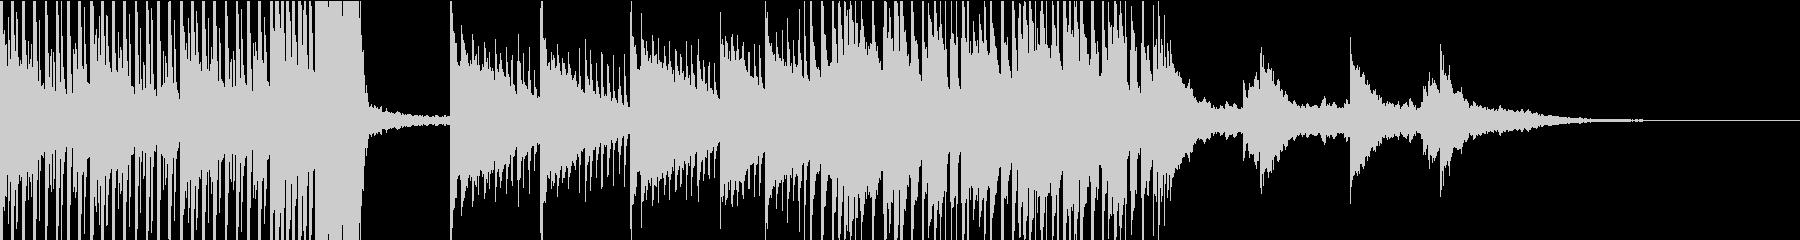 配信のエンディングなどに最適なEDMの未再生の波形